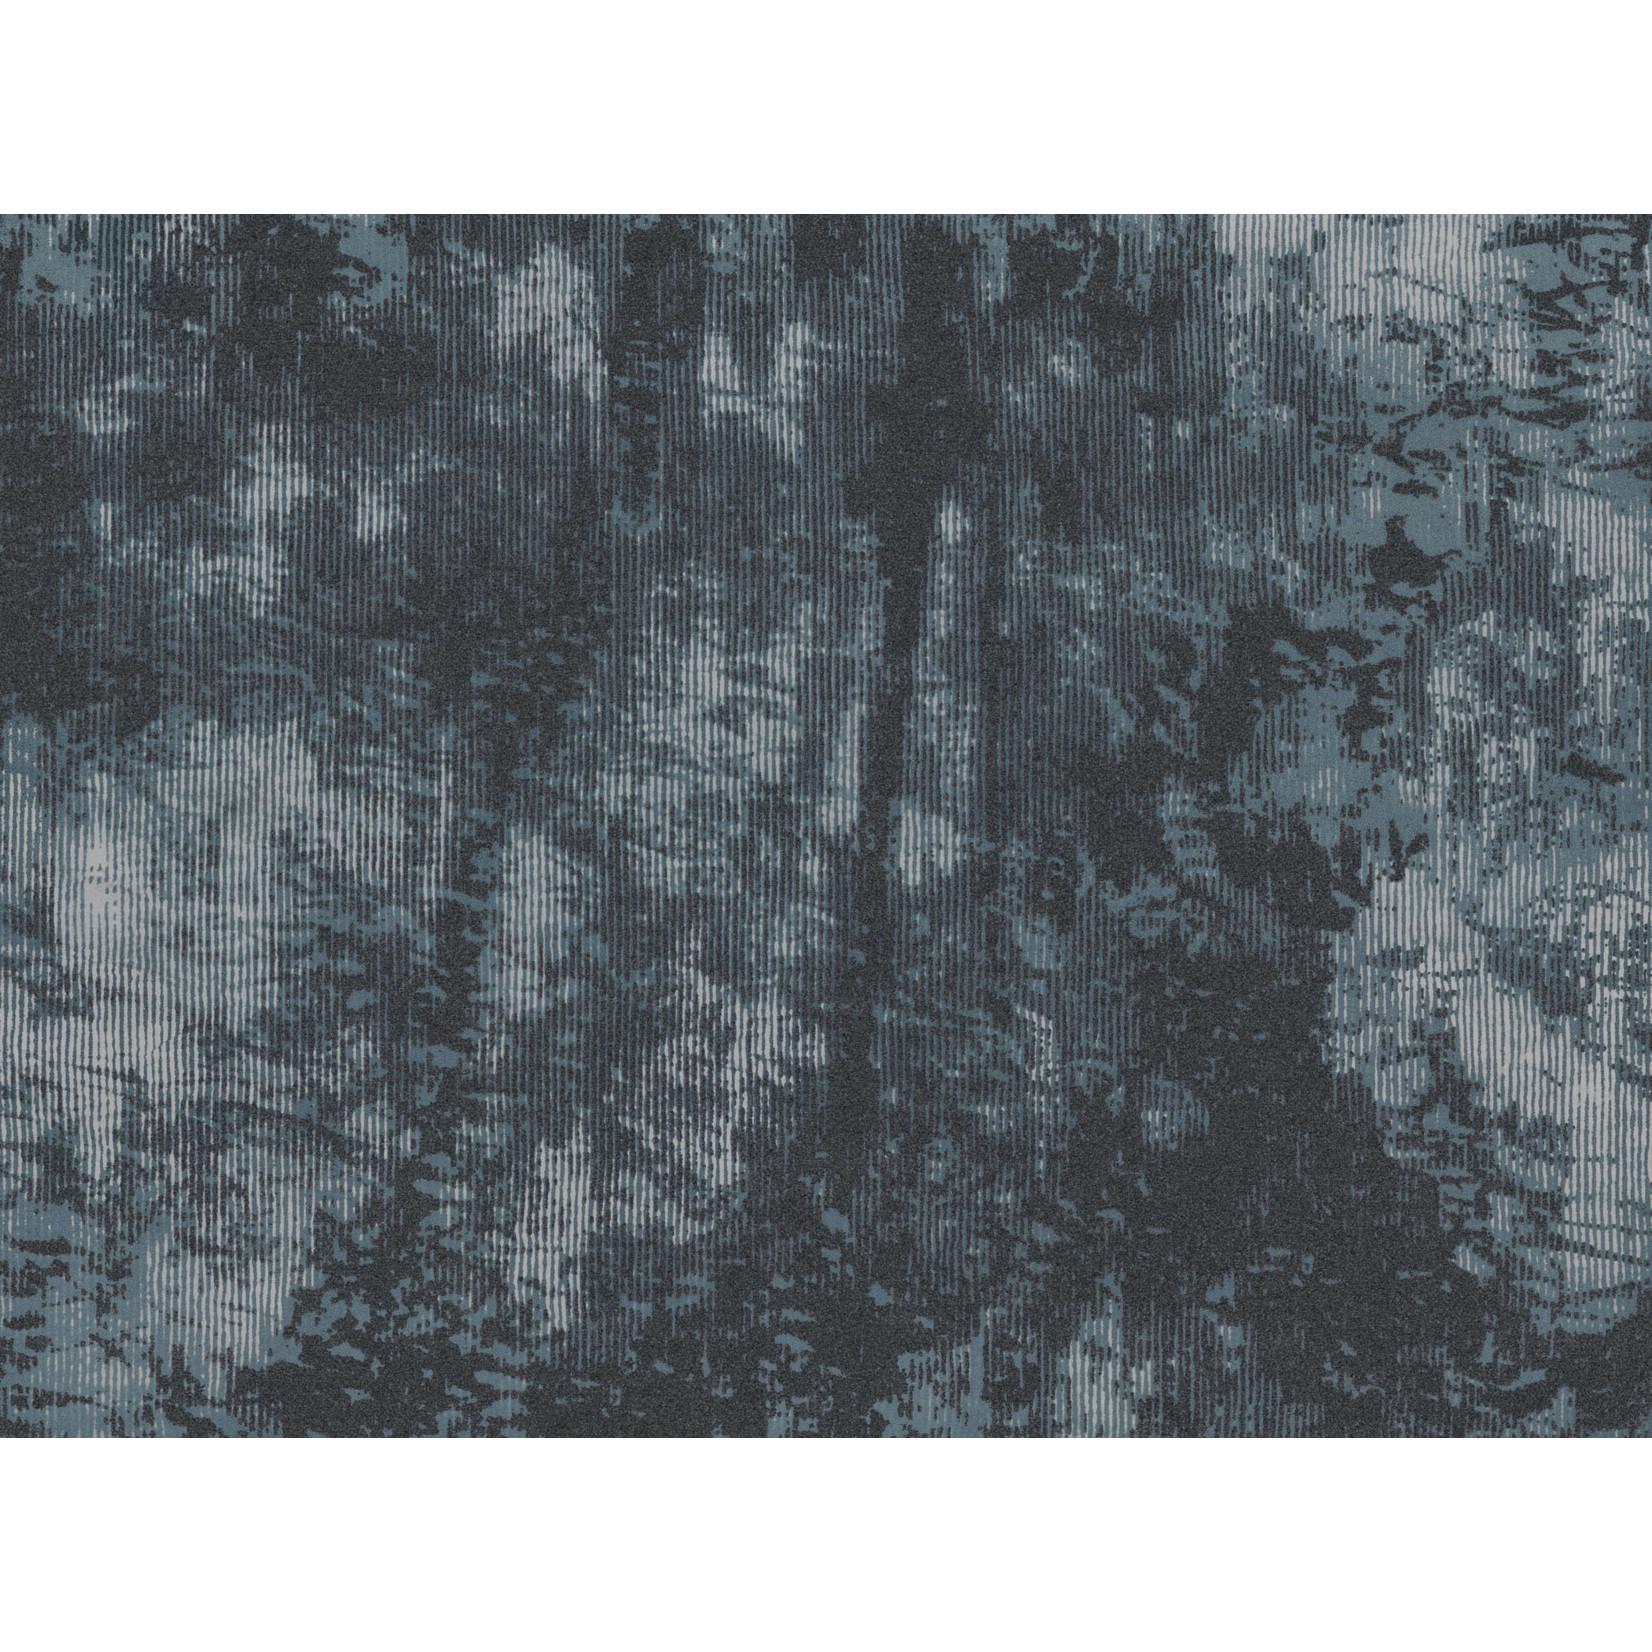 Black Edition Revêtements muraux Mizumi | Sarcelle d'Utsuro